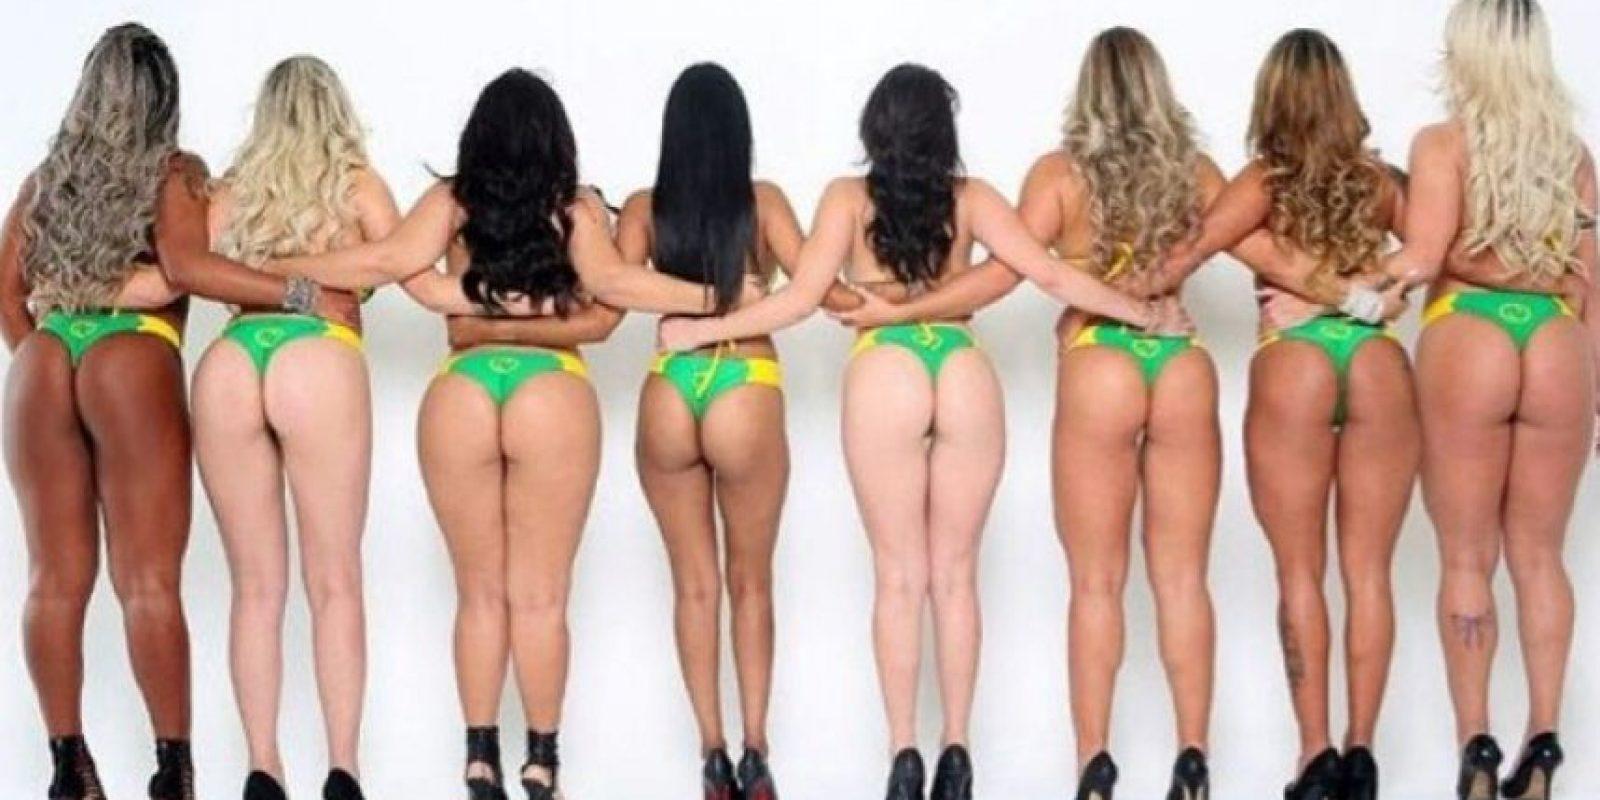 Las candidatas aparecen en diversas partes del país mostrando su físico. Foto:Instagram/deboradunhil